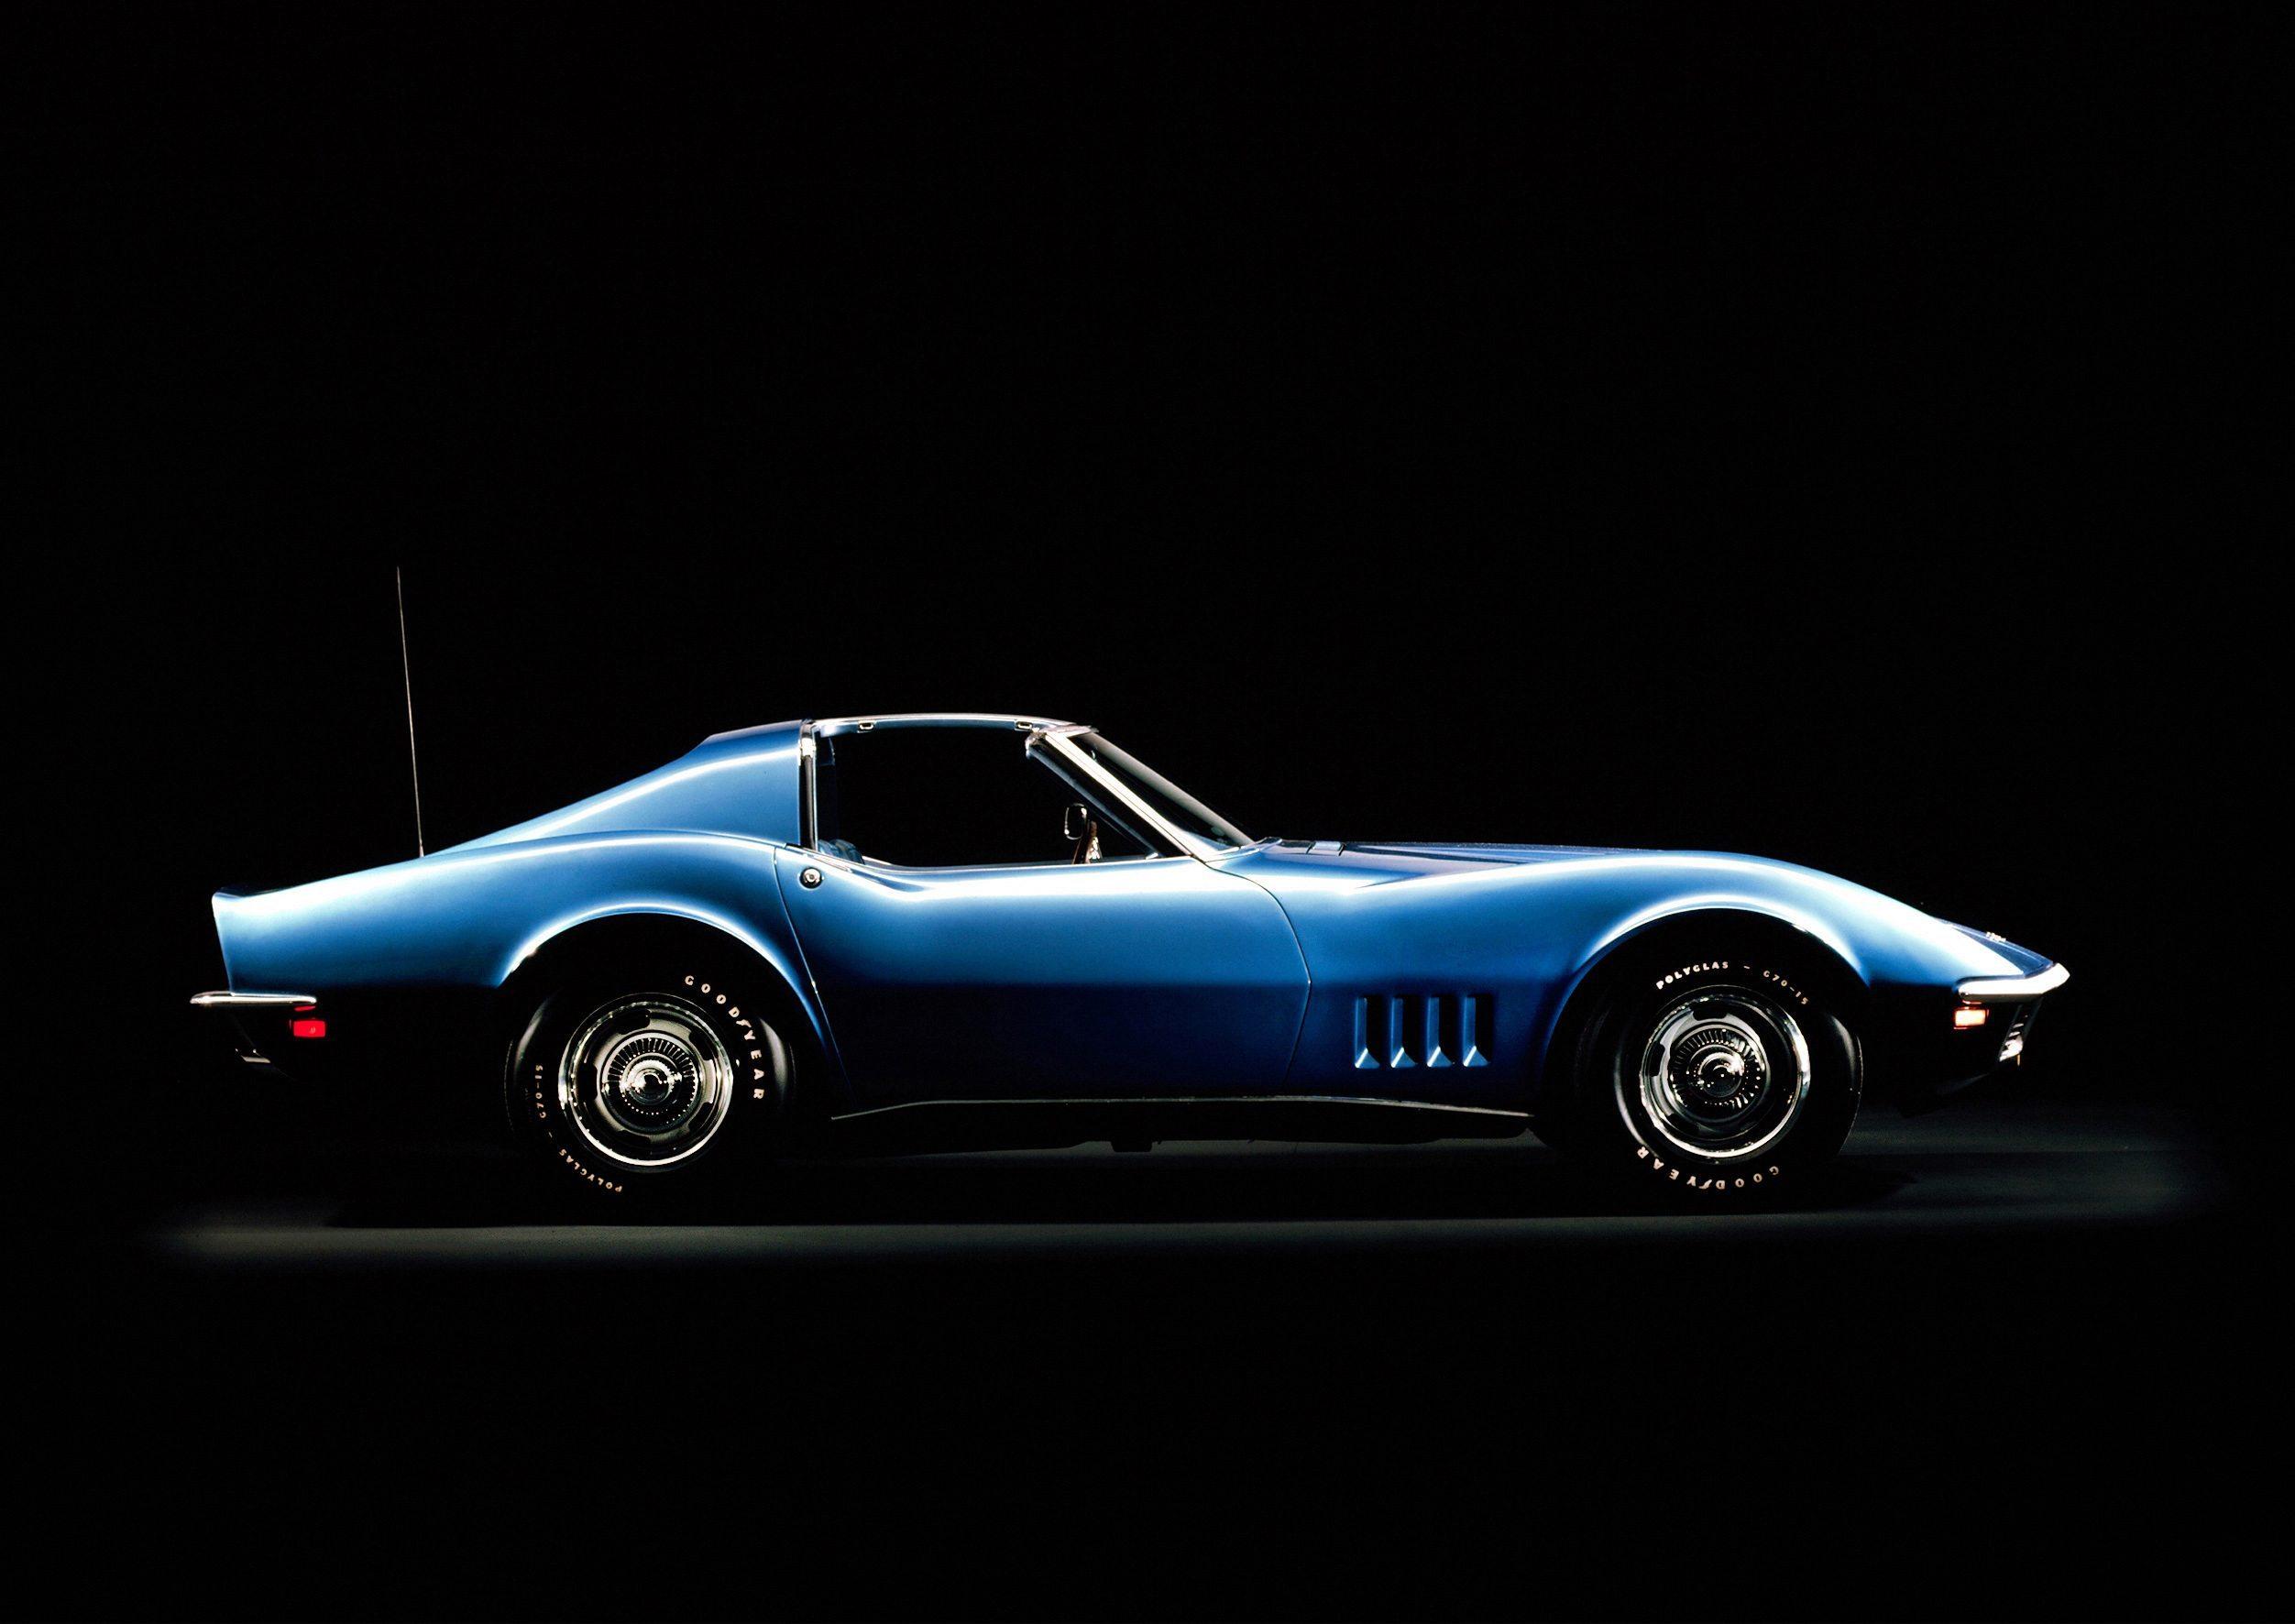 1968 C3 Corvette